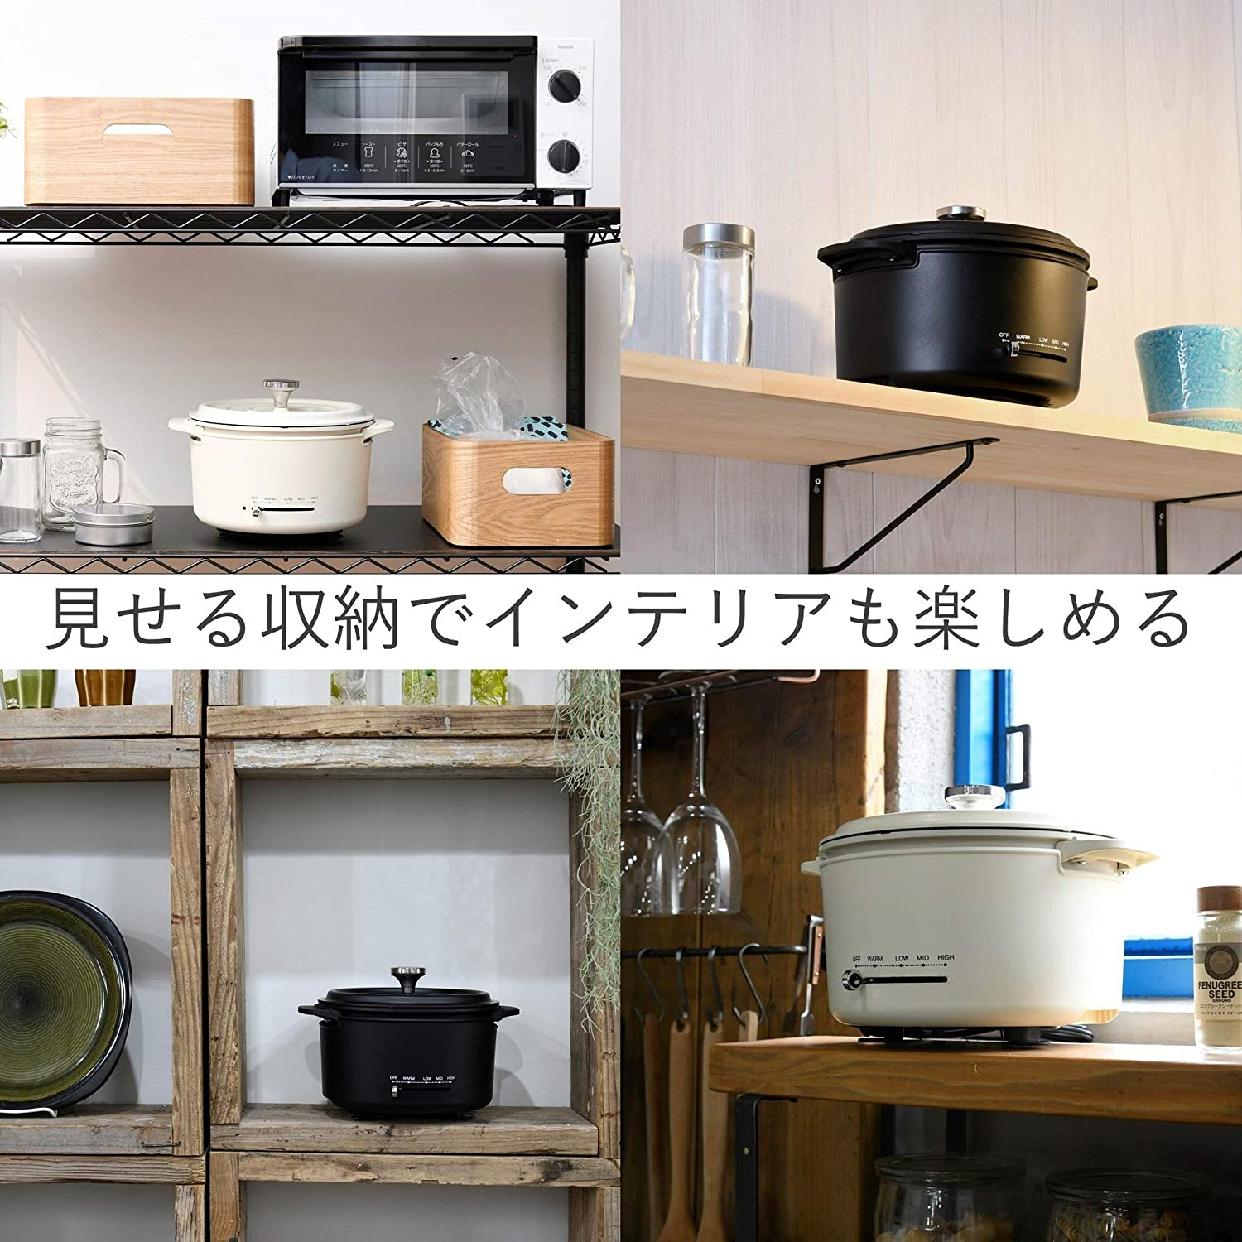 山善(YAMAZEN) 電気グリル鍋 EGD-D650(MB)の商品画像7